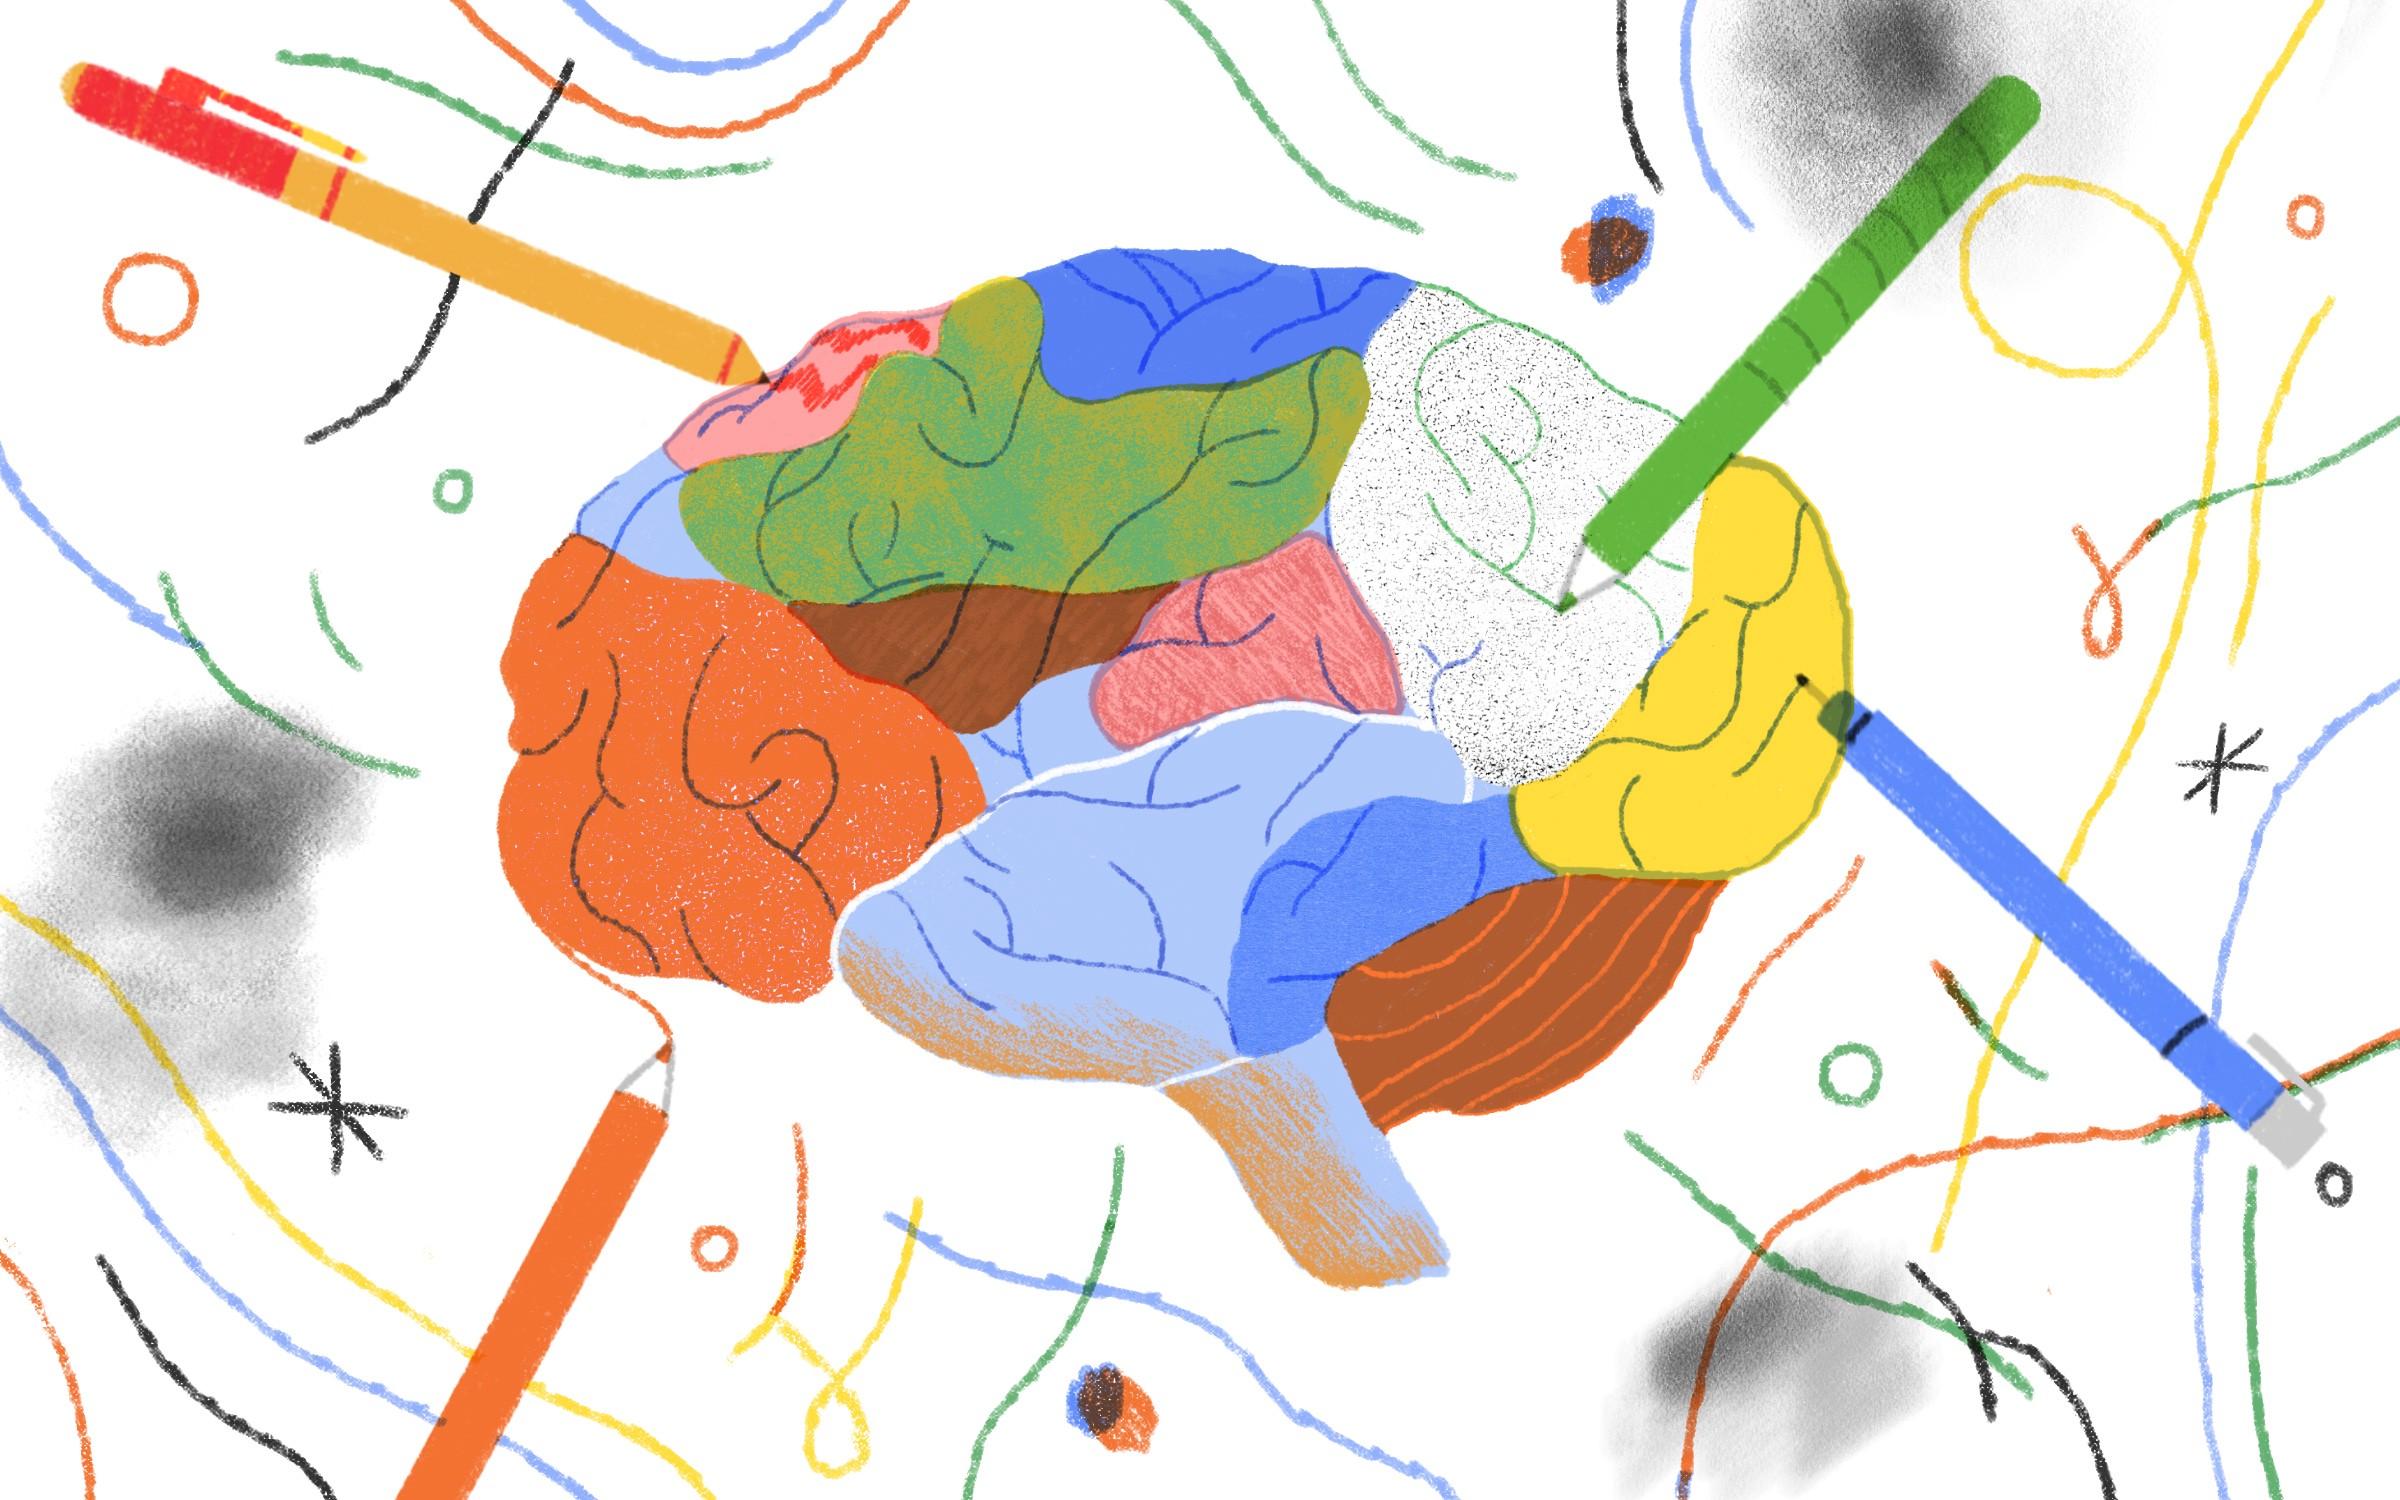 Escribir a mano es bueno para tu cerebro y mejora la salud